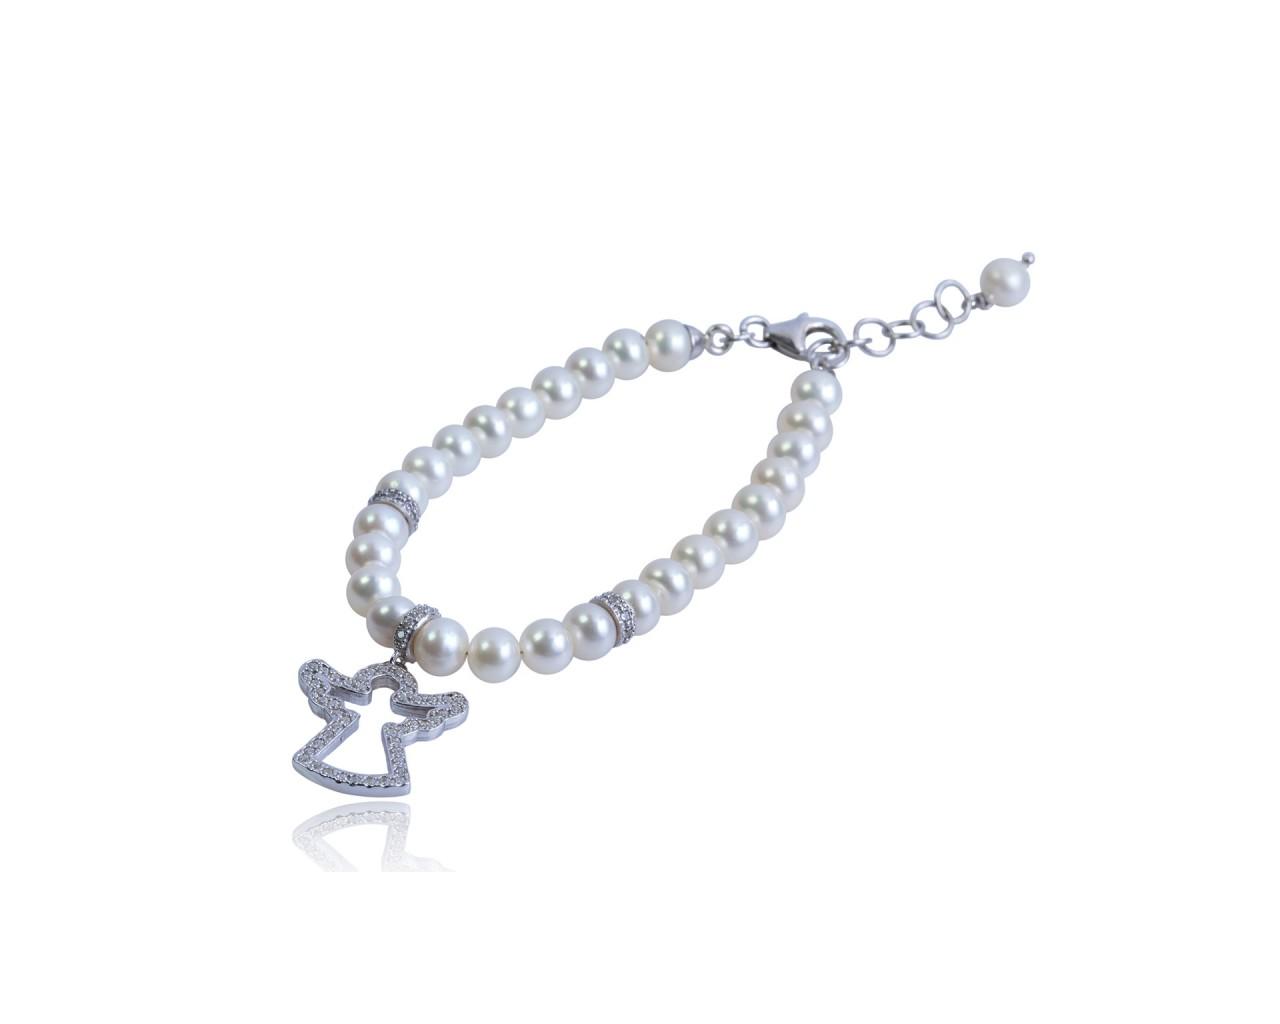 Bracciale in argento con perle di fiume e ciondolino raffigurante un angelo